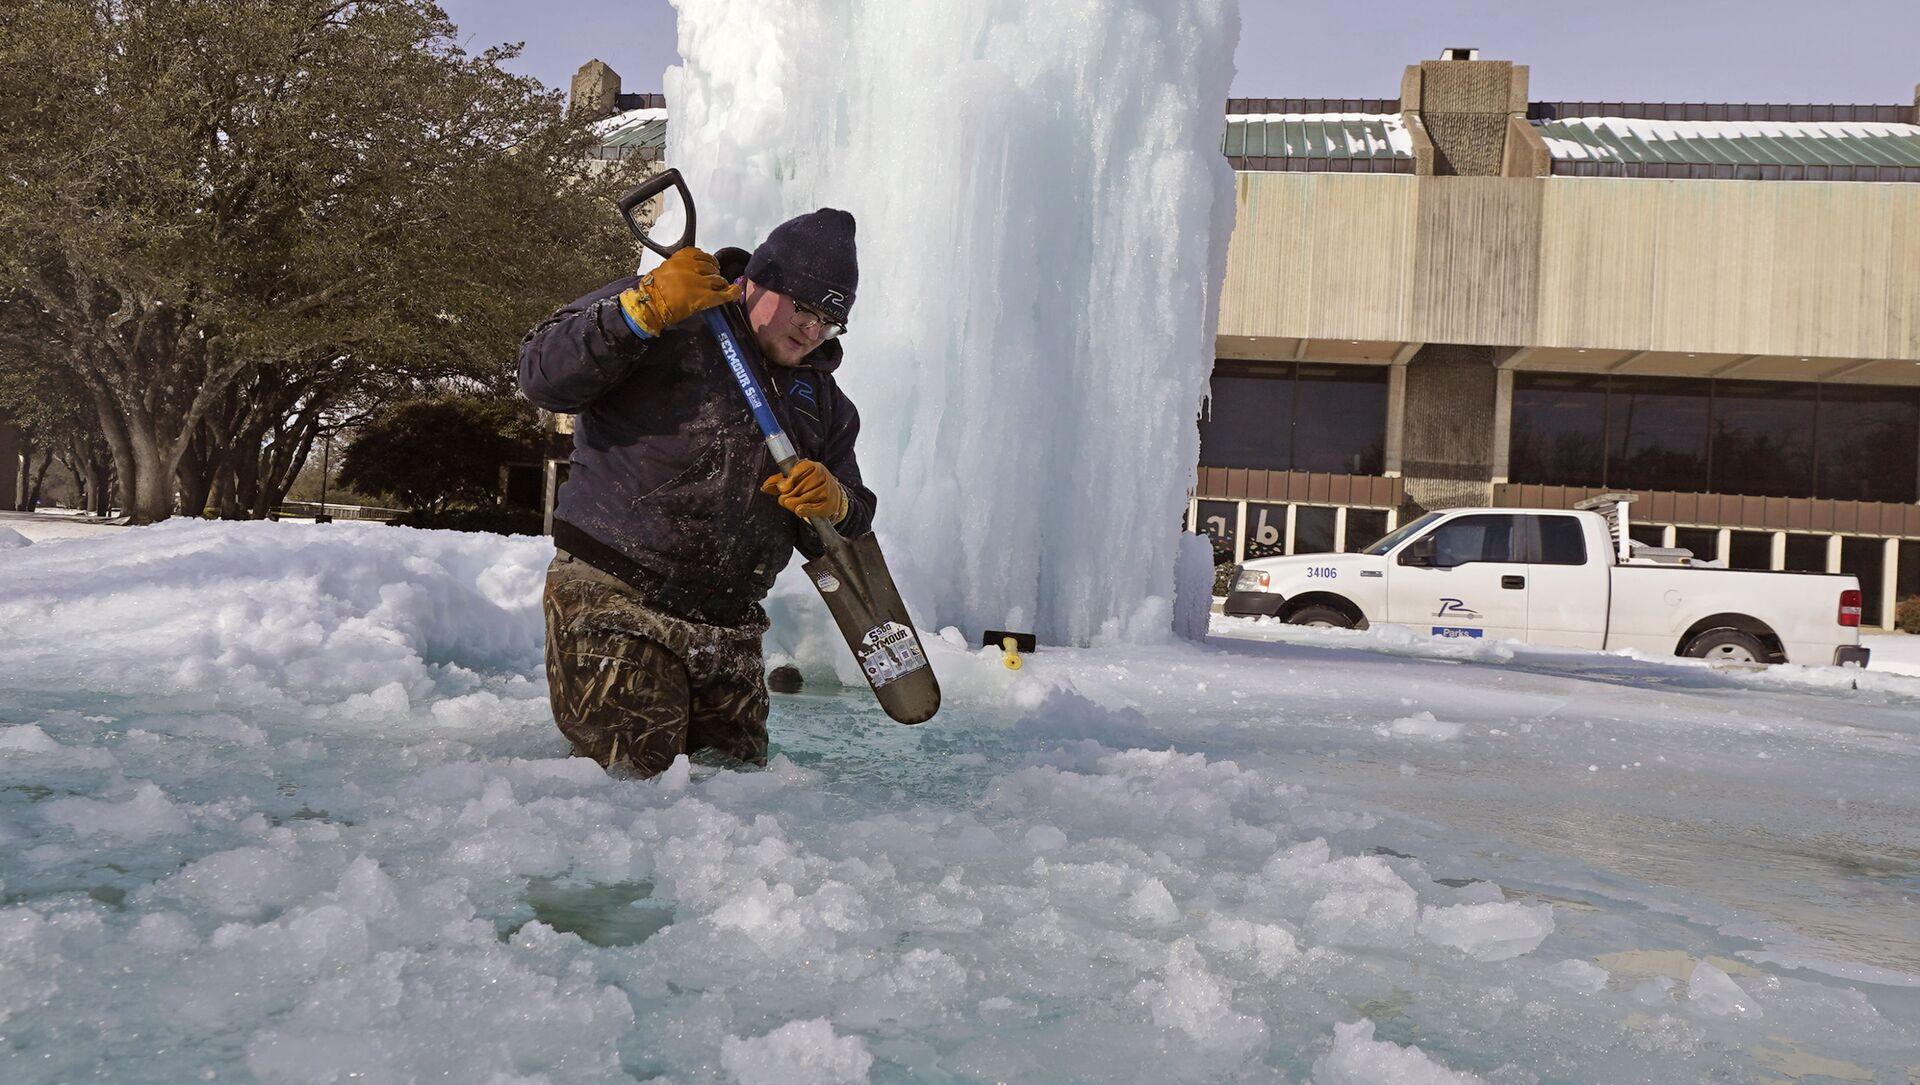 Pracovník láme led ve zmrzlé fontáně v Richardsonu v Texasu v USA - Sputnik Česká republika, 1920, 23.02.2021